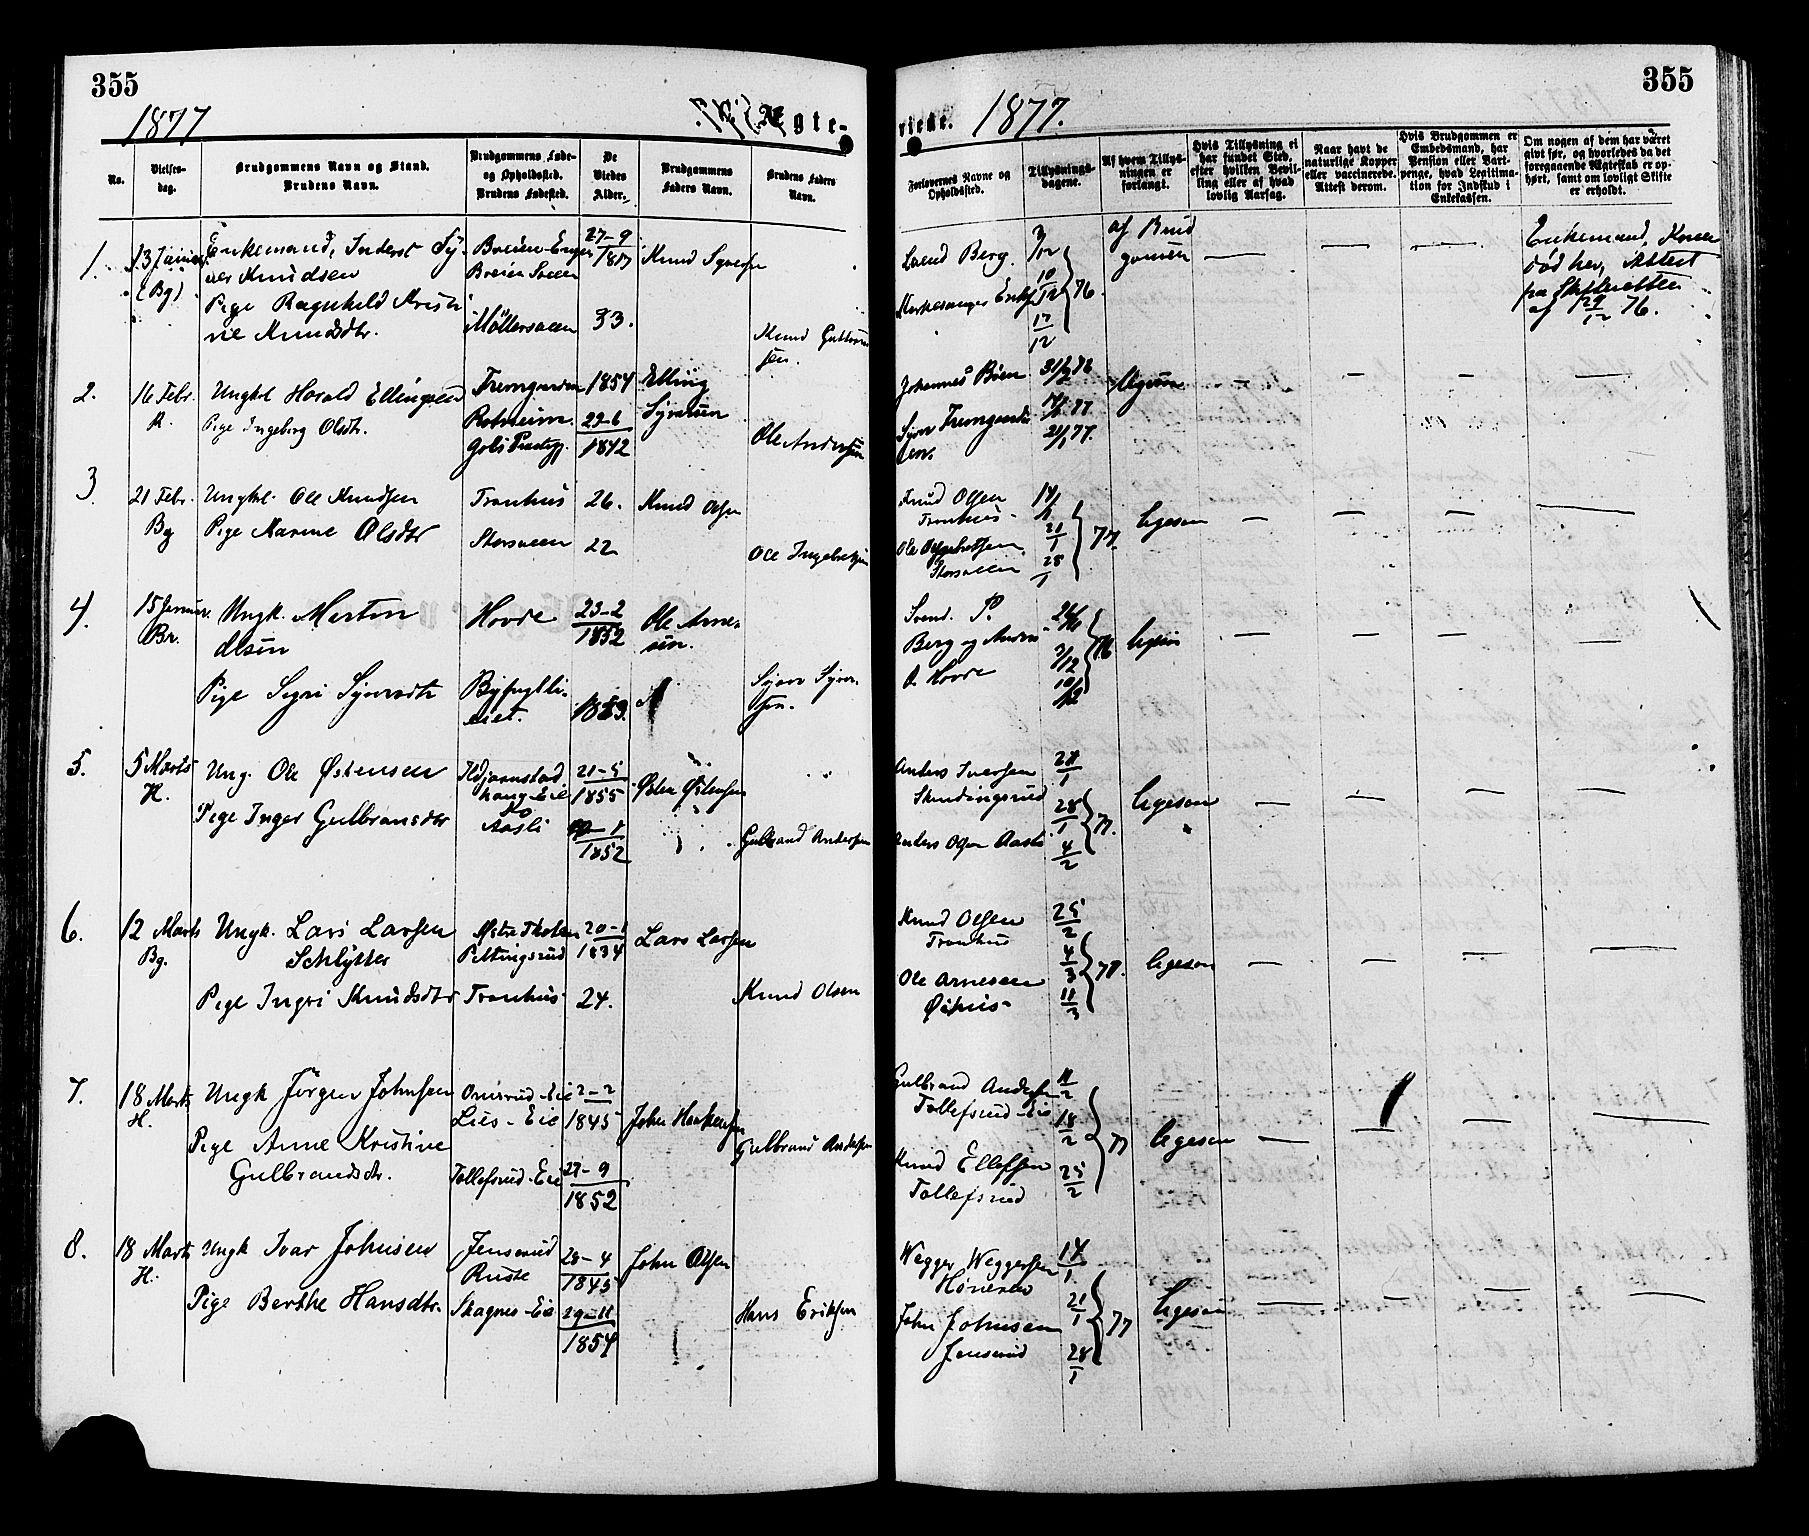 SAH, Sør-Aurdal prestekontor, Ministerialbok nr. 8, 1877-1885, s. 355